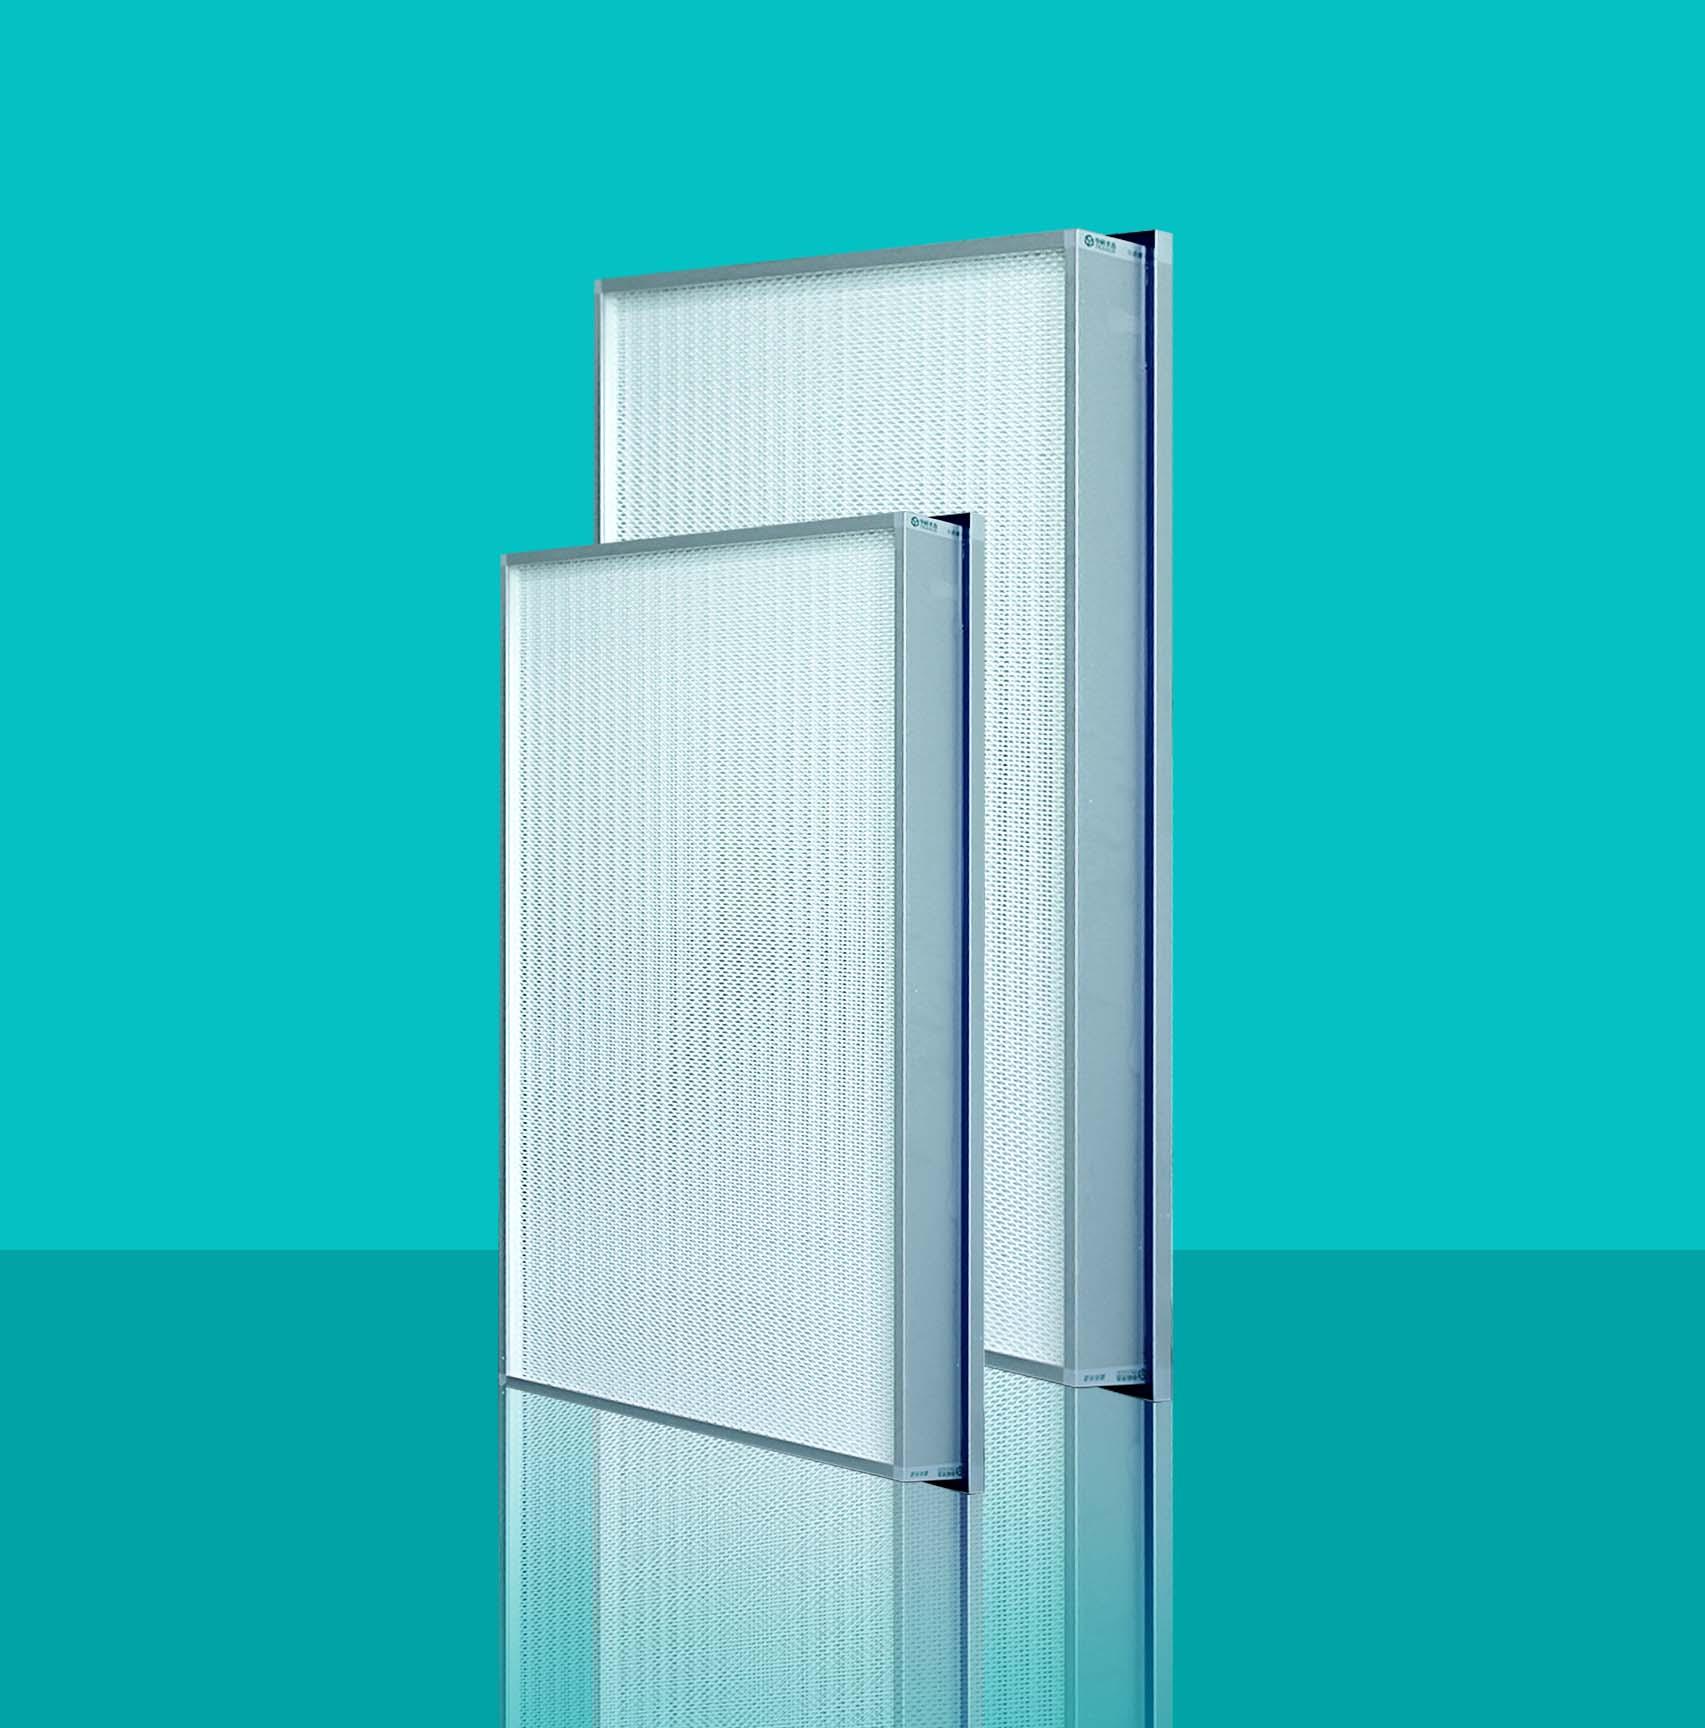 高效送风口的风速与过滤材料的关系